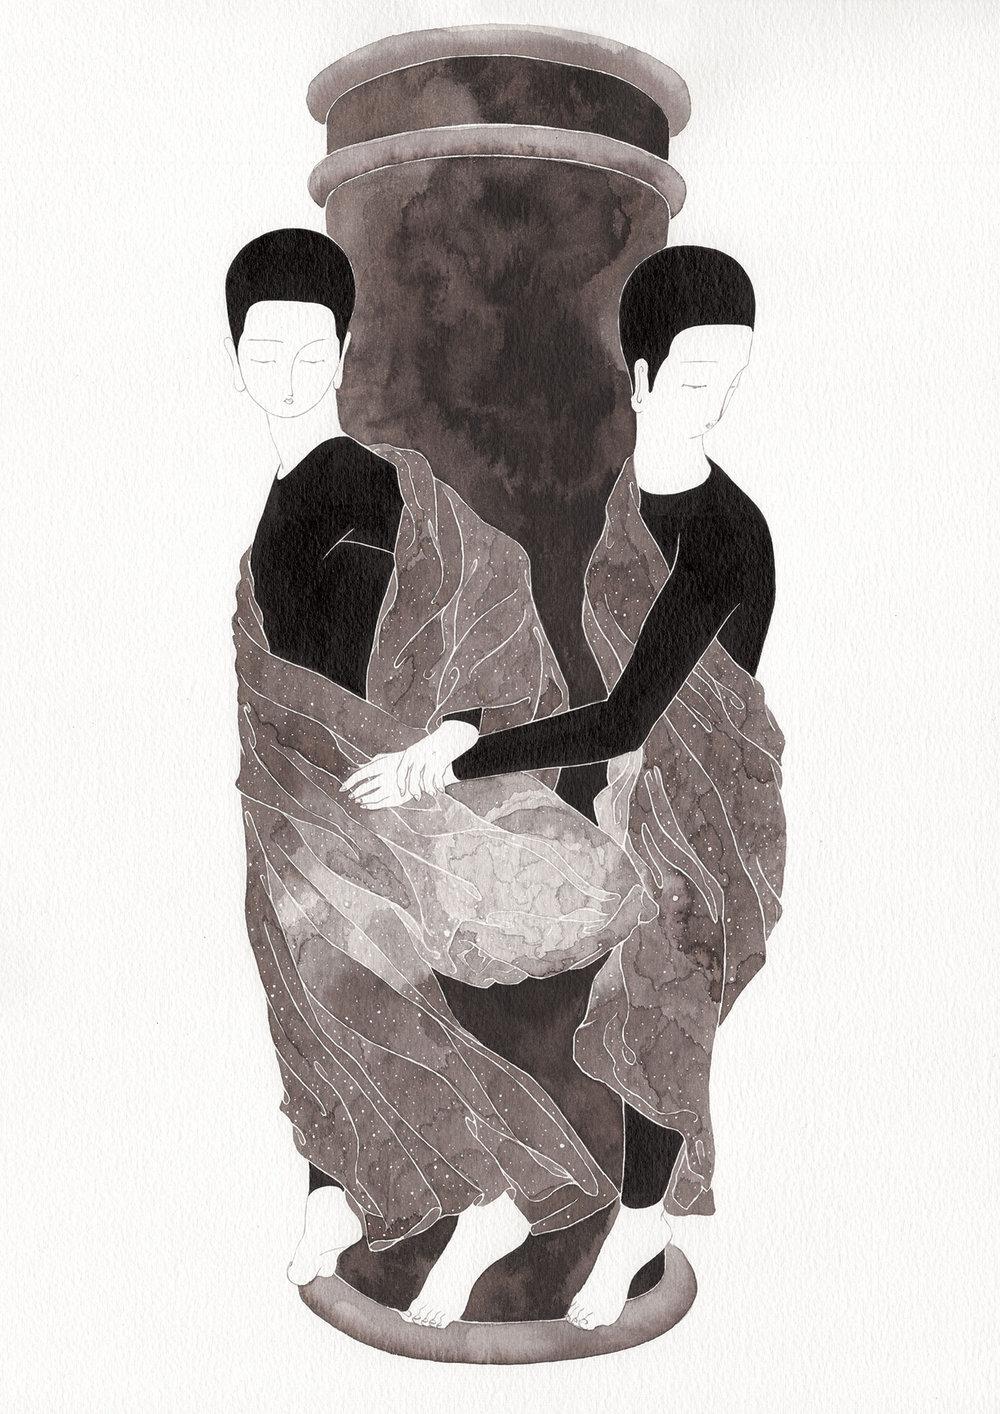 둘의 삶 / Wheel of two Op.0191P -29.7 x 42 cm,종이에 잉크 / Ink on paper, 2017 inspired by the sculpture, 'Les Ondines ou Les Nymphes de la Seine' by Alfred Boucher